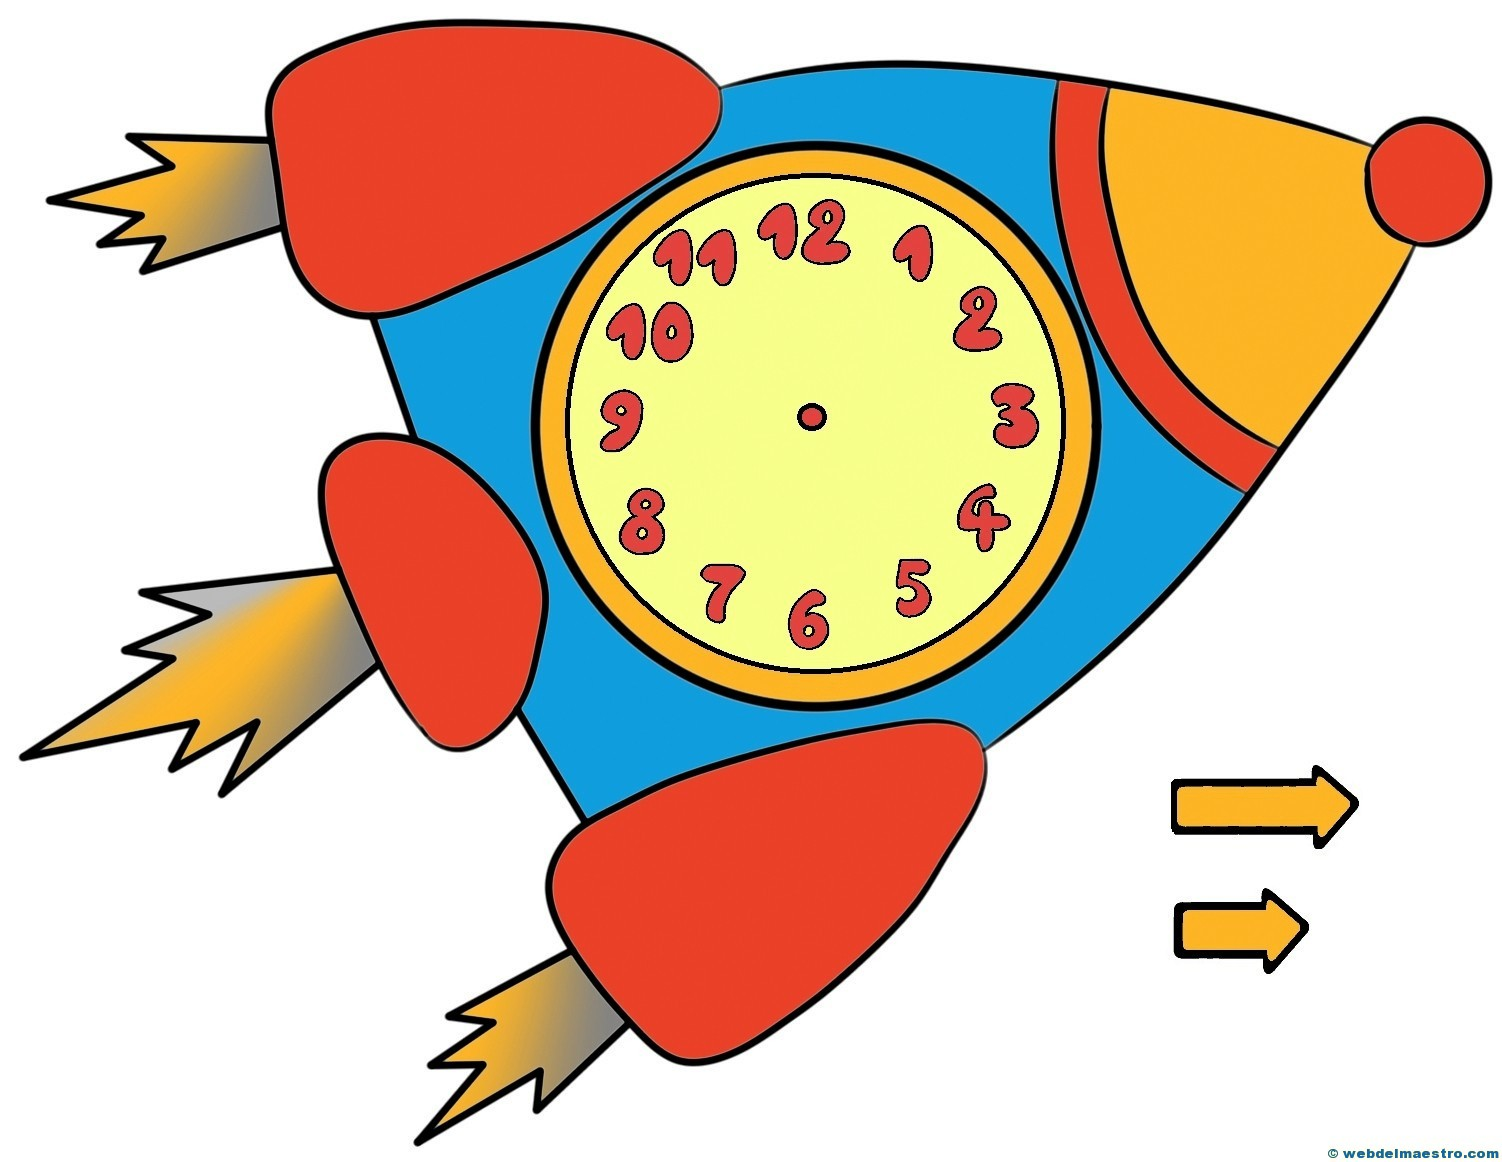 Relojes Para Aprender La Hora-5-color- Web Del Maestro